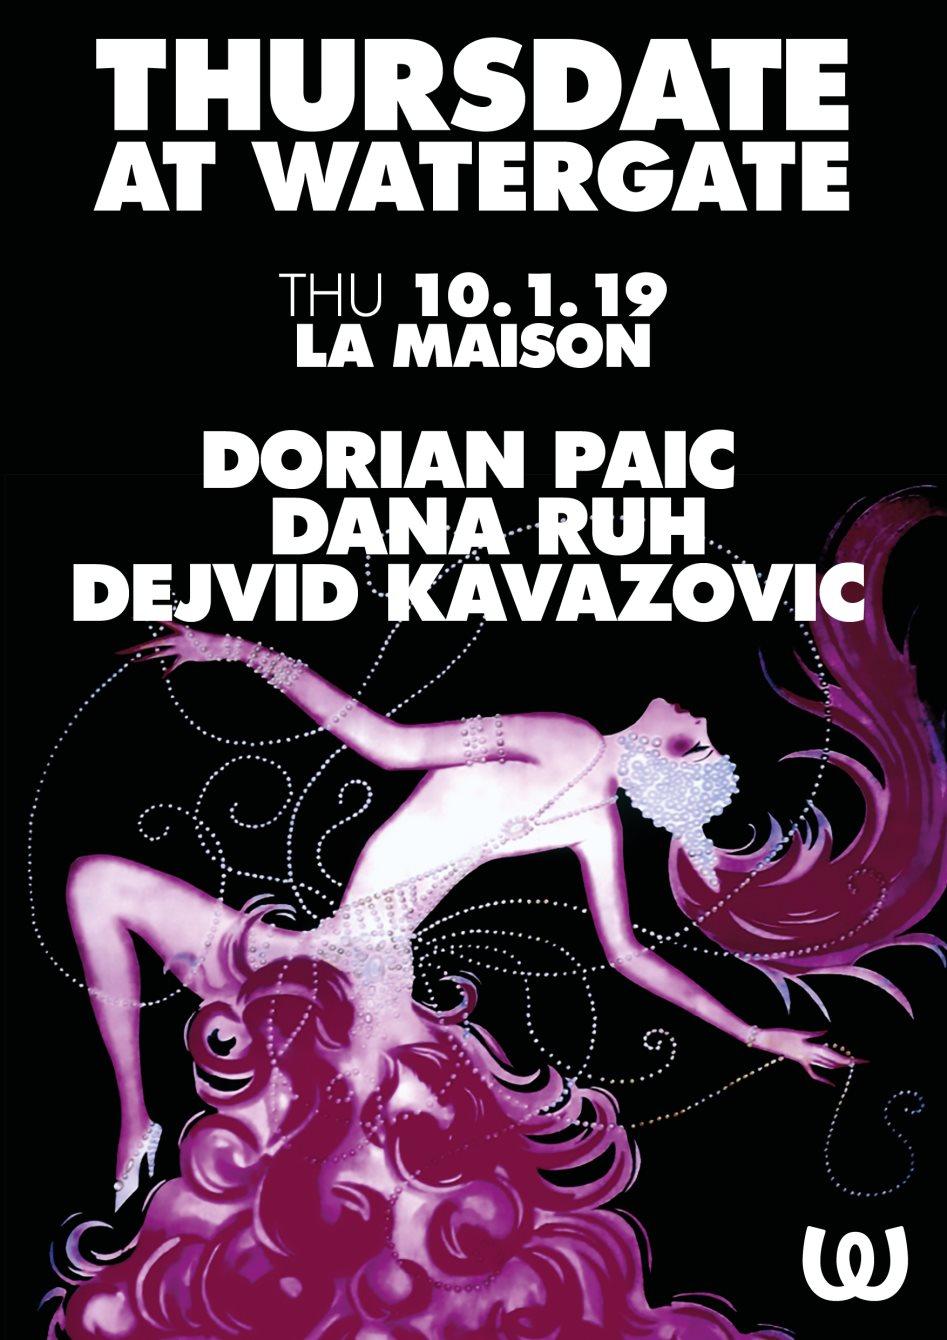 Thursdate: La Maison with Dorian Paic, Dana Ruh, Dejvid Kavazovic - Flyer front